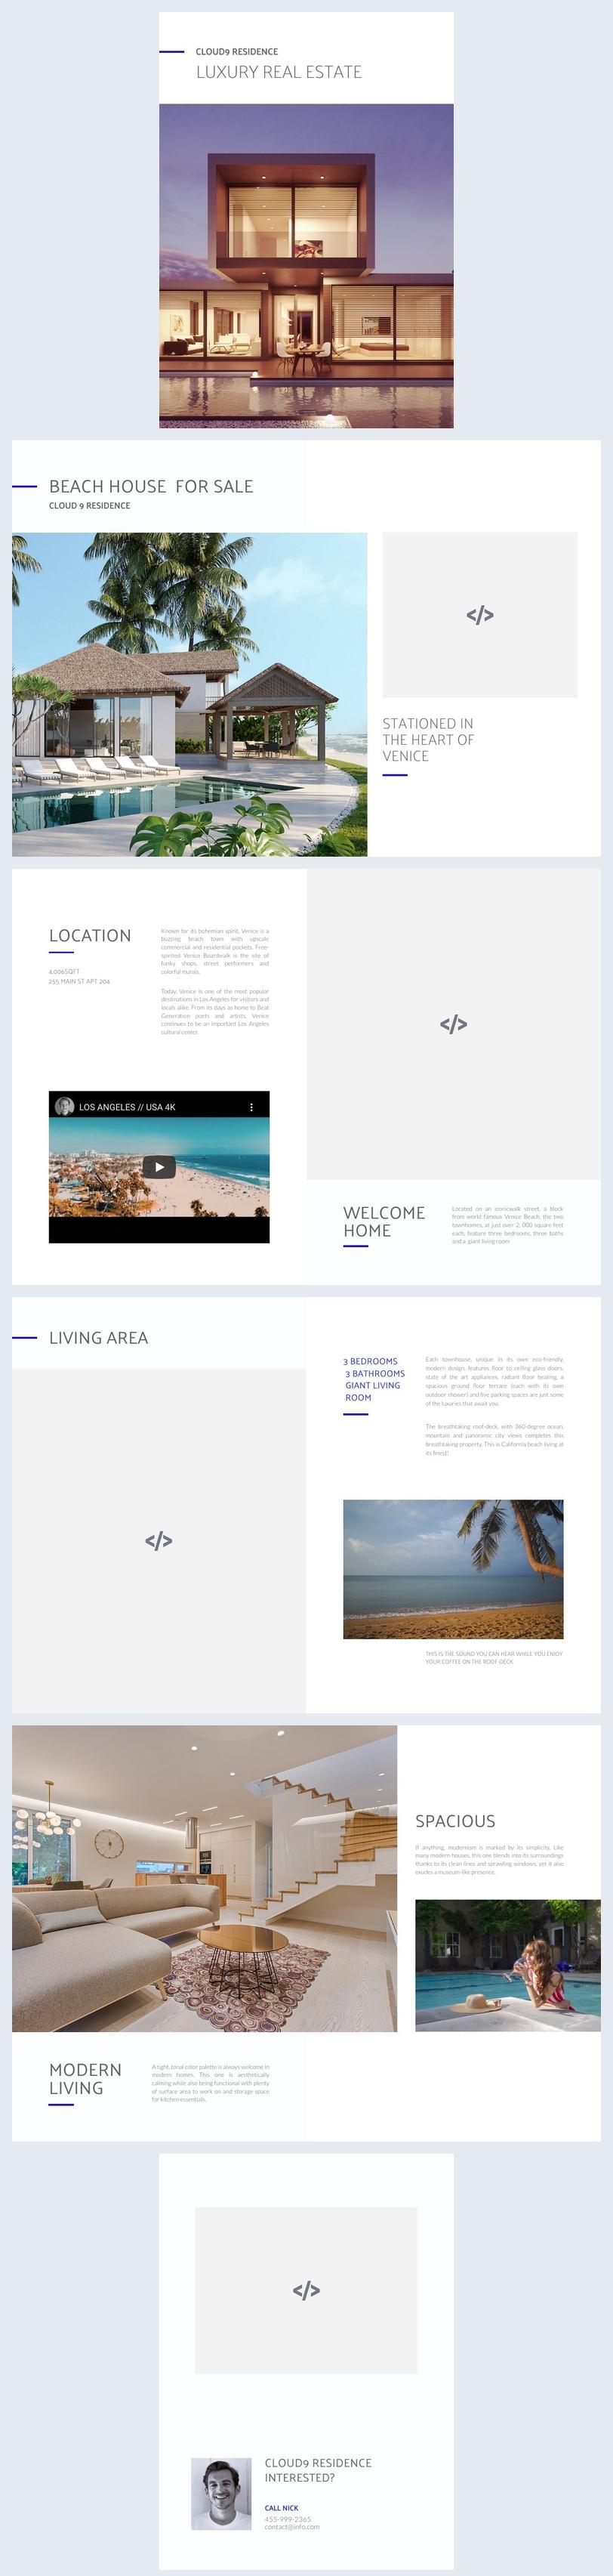 Interactief Vastgoed Brochure Ontwerp Voorbeeld